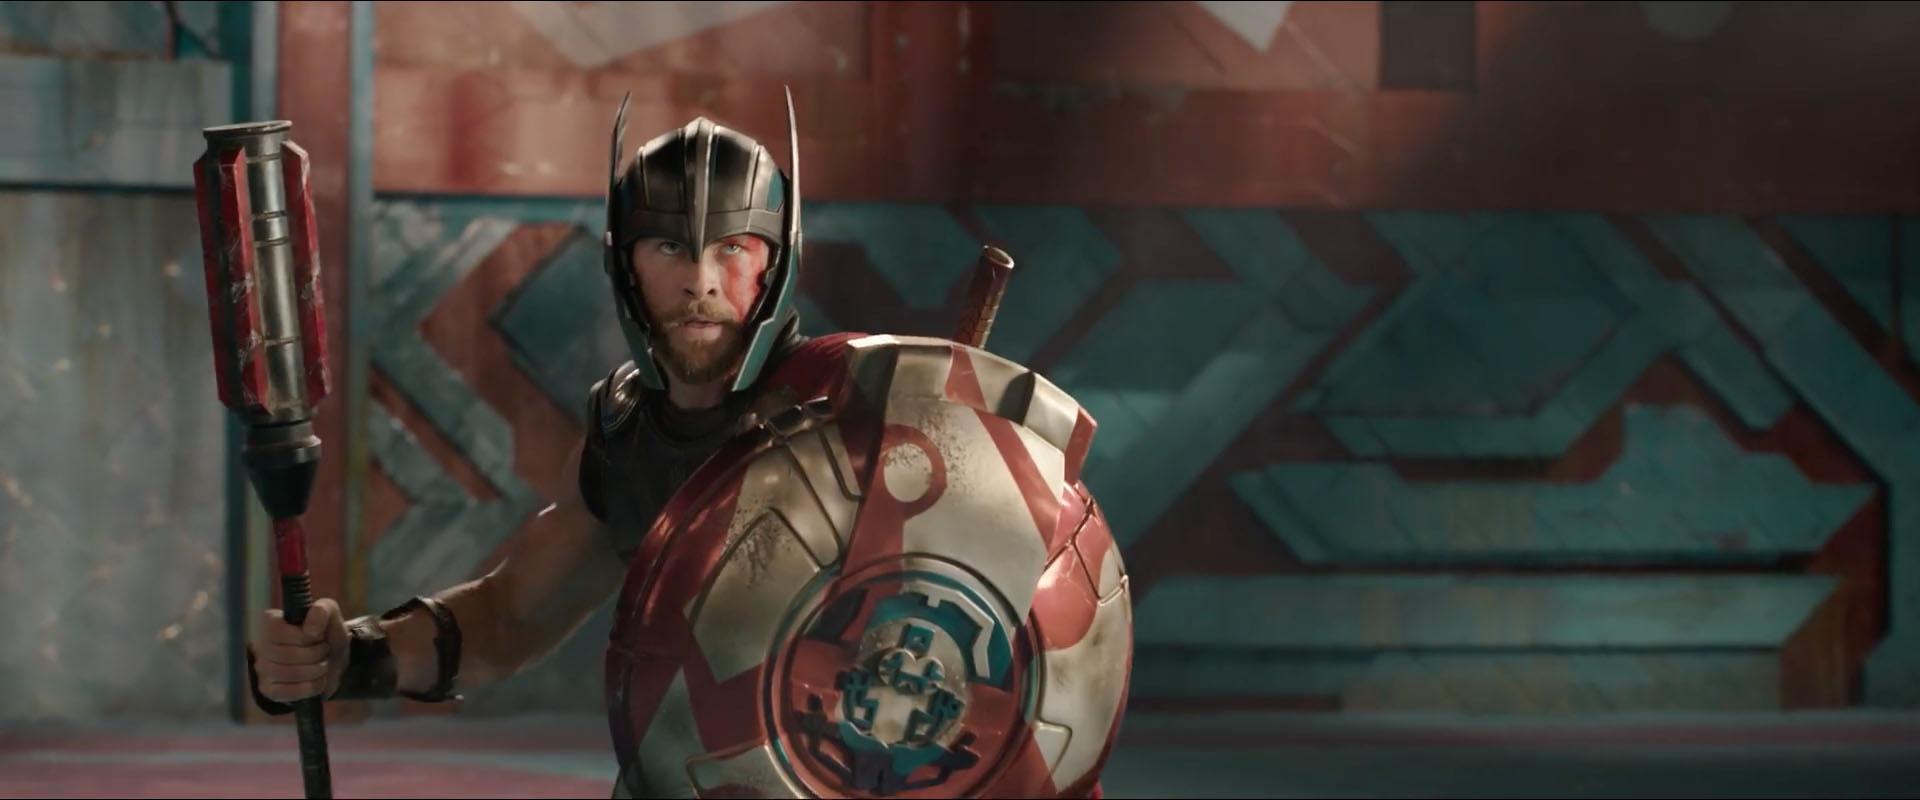 Thor: Ragnarok - cosa resta del mito originale? thumbnail